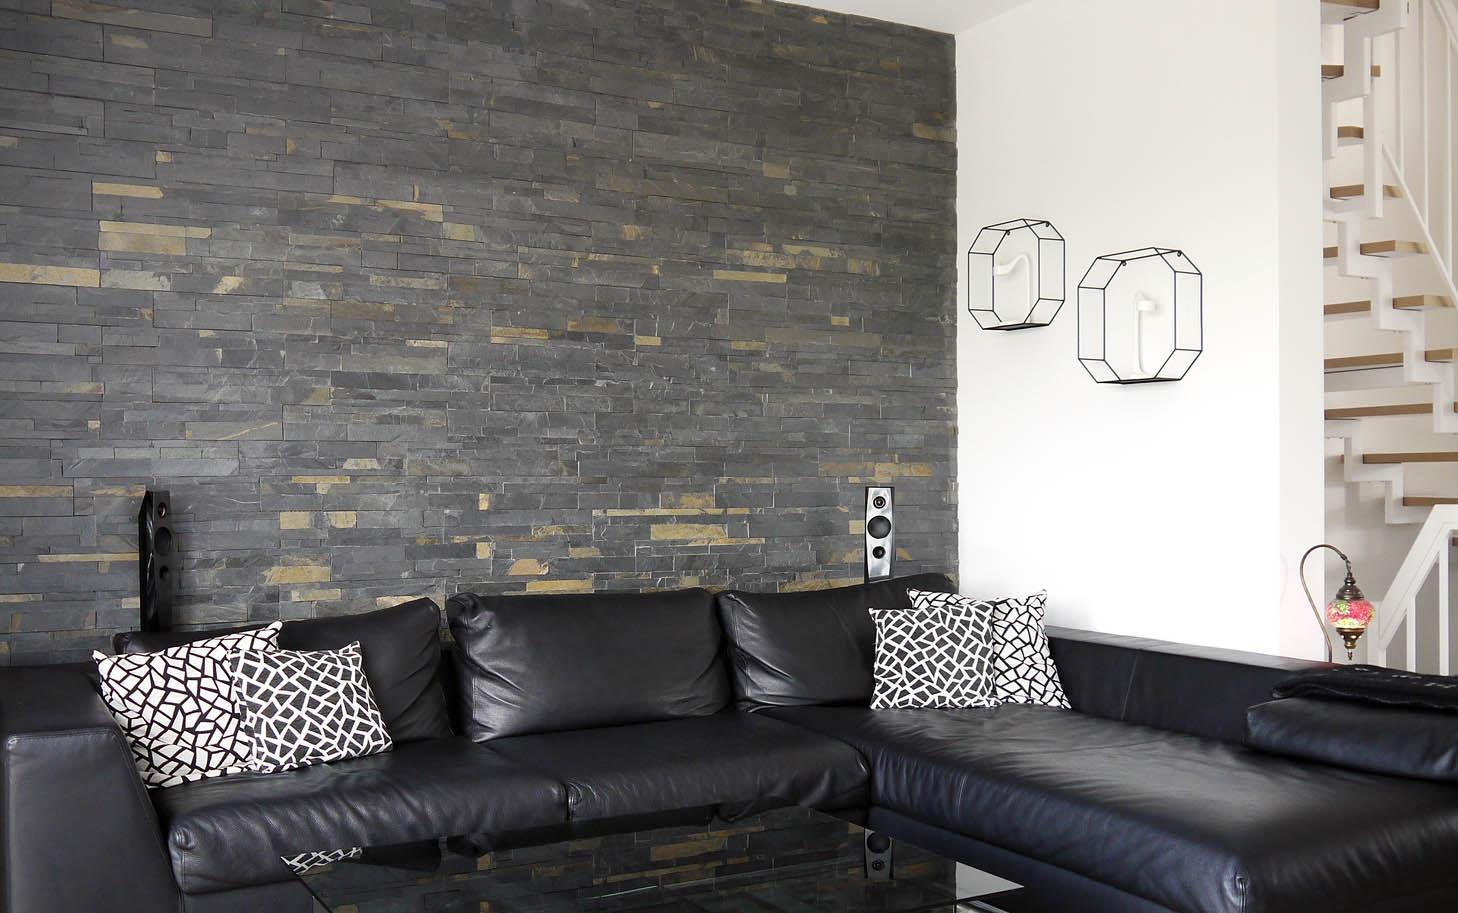 naturstein wand bilder ideen couchstyle. Black Bedroom Furniture Sets. Home Design Ideas